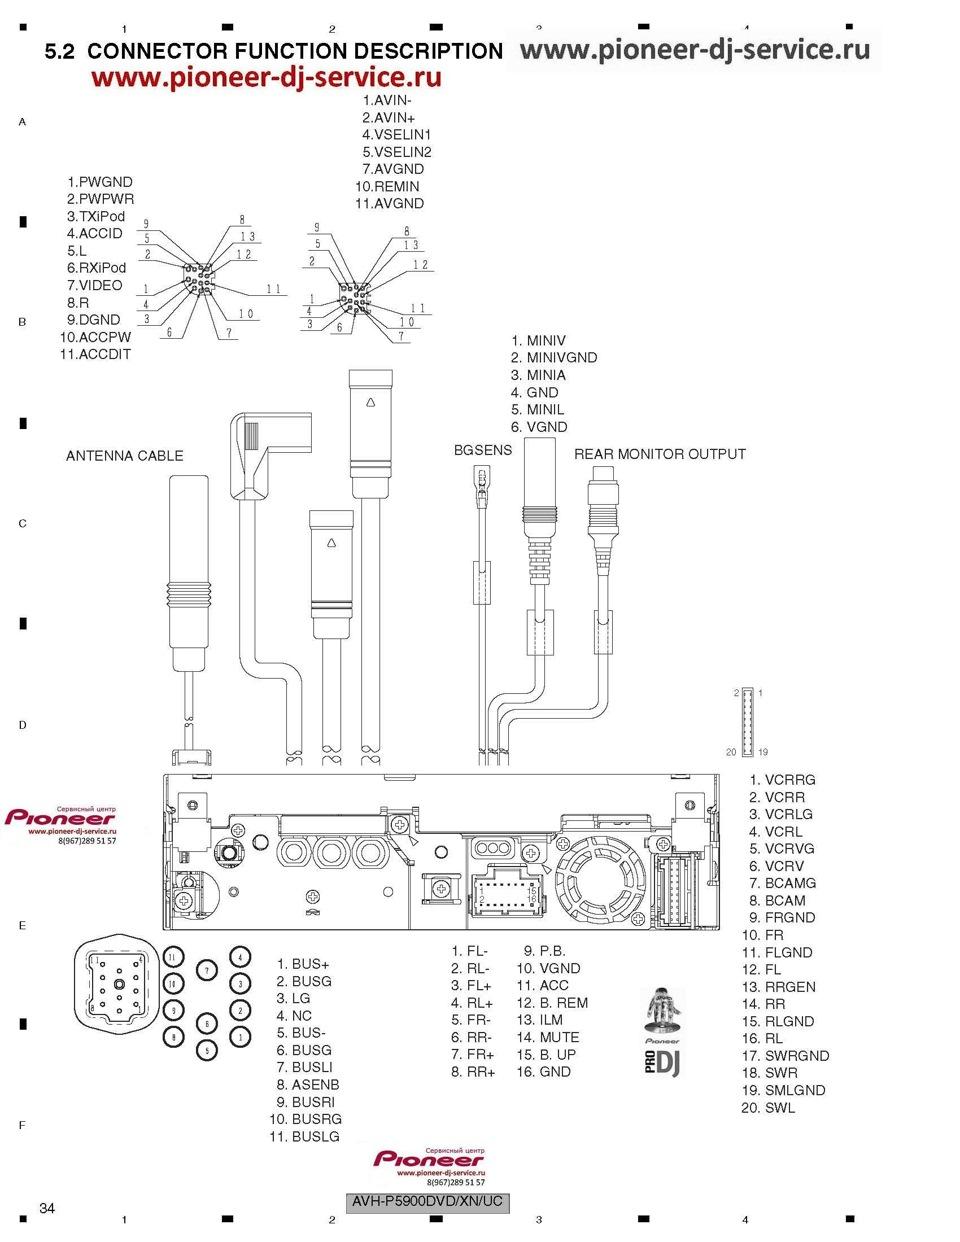 Pioneer Avh P5900Dvd Wiring Diagram - Great Installation Of Wiring - Pioneer Avh X1500Dvd Wiring Diagram